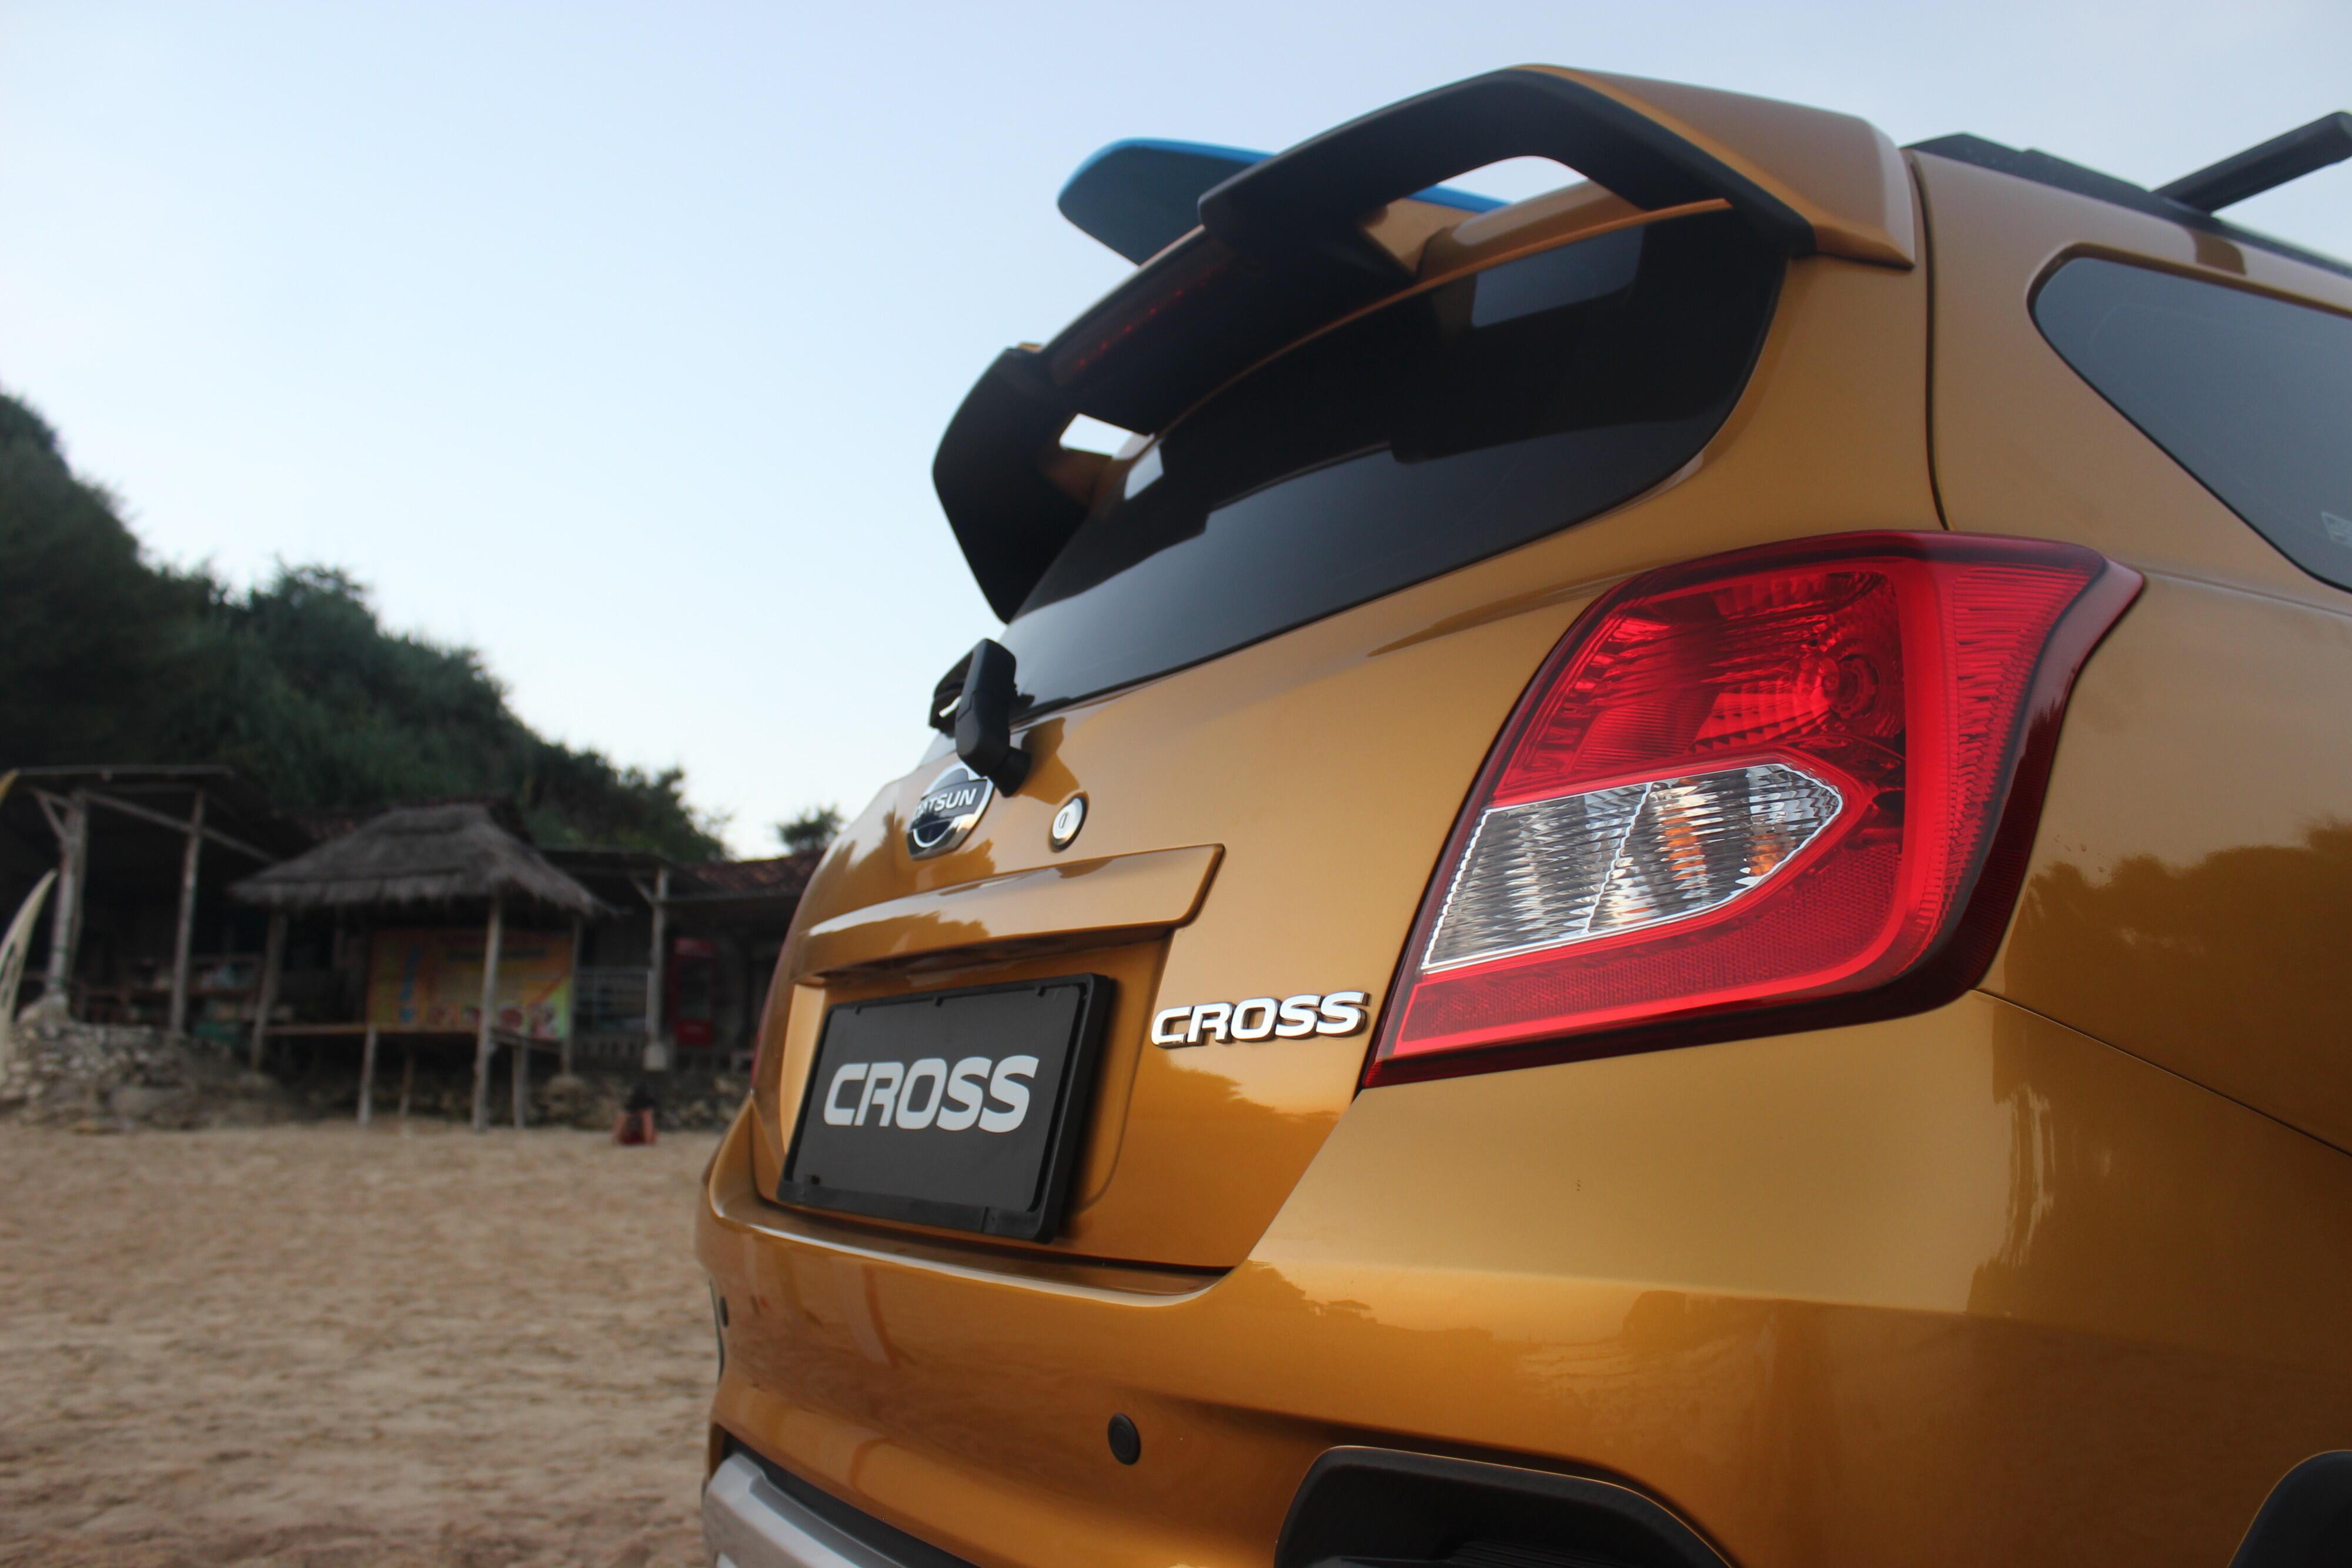 Langkah Manis Datsun Cross Mematahkan Stigma `Mobil Murah`